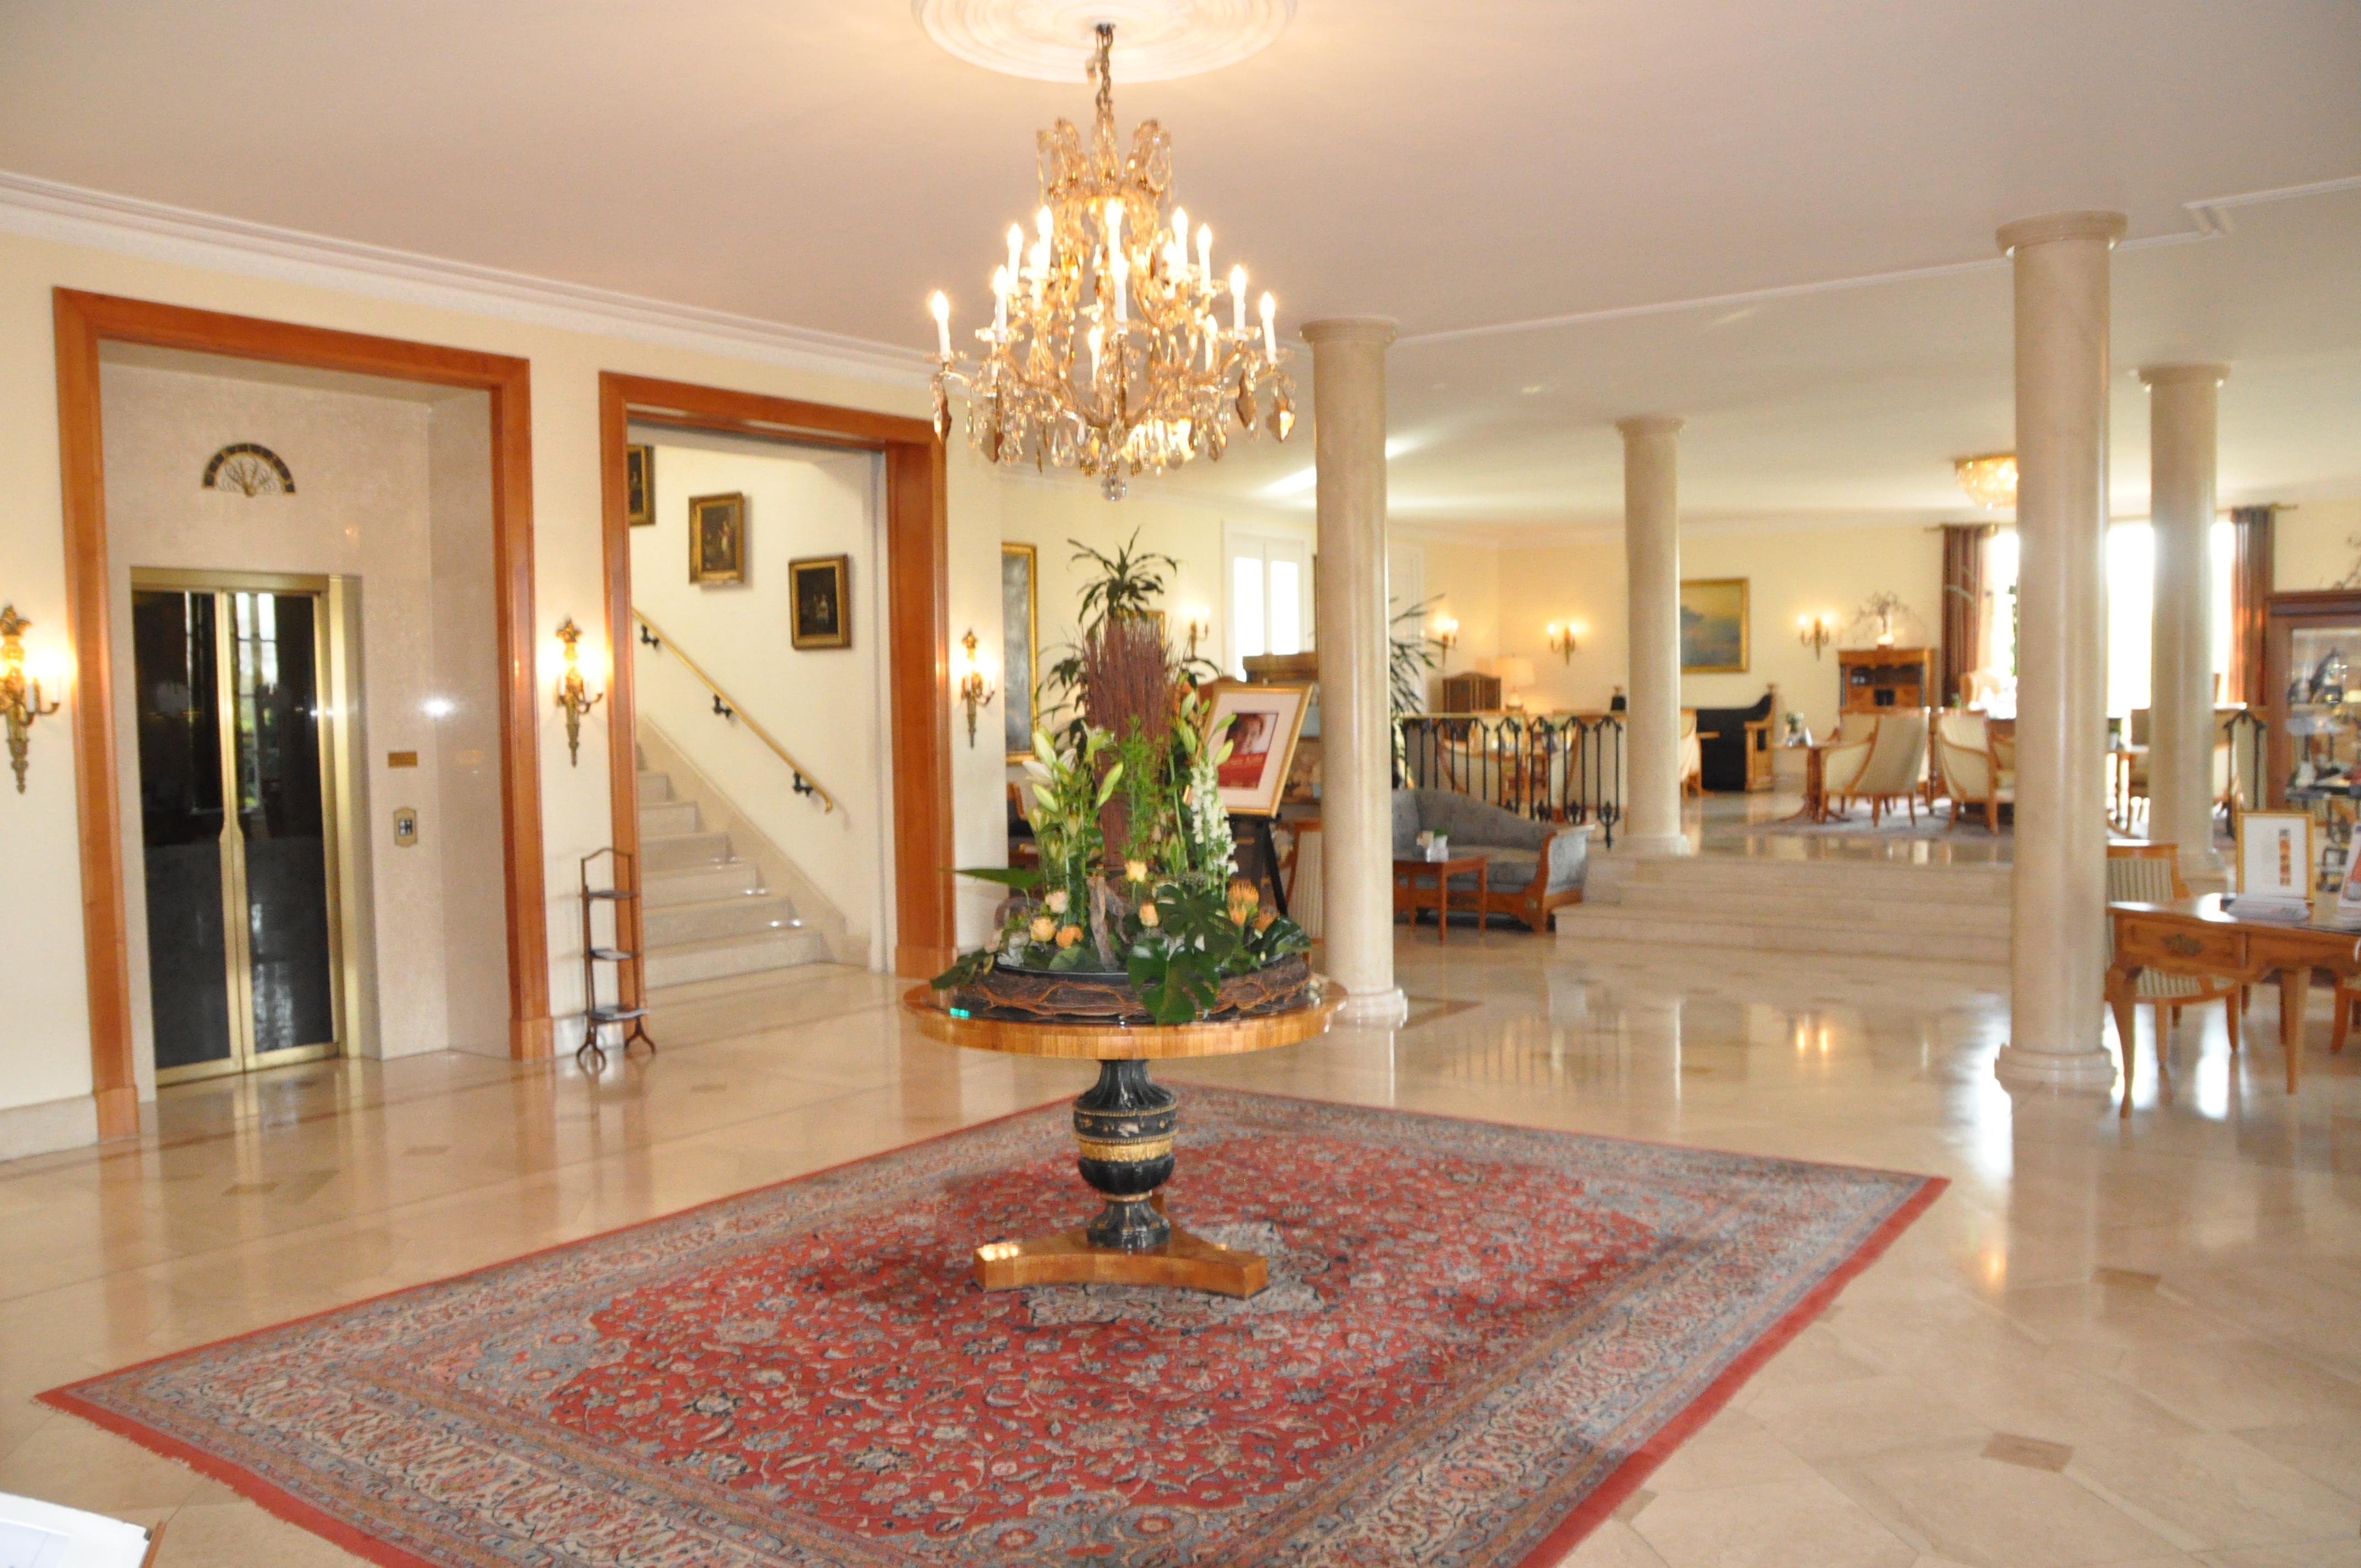 schlo reinhartshausen k nigstein im taunus germany hotel review frequent business traveler. Black Bedroom Furniture Sets. Home Design Ideas